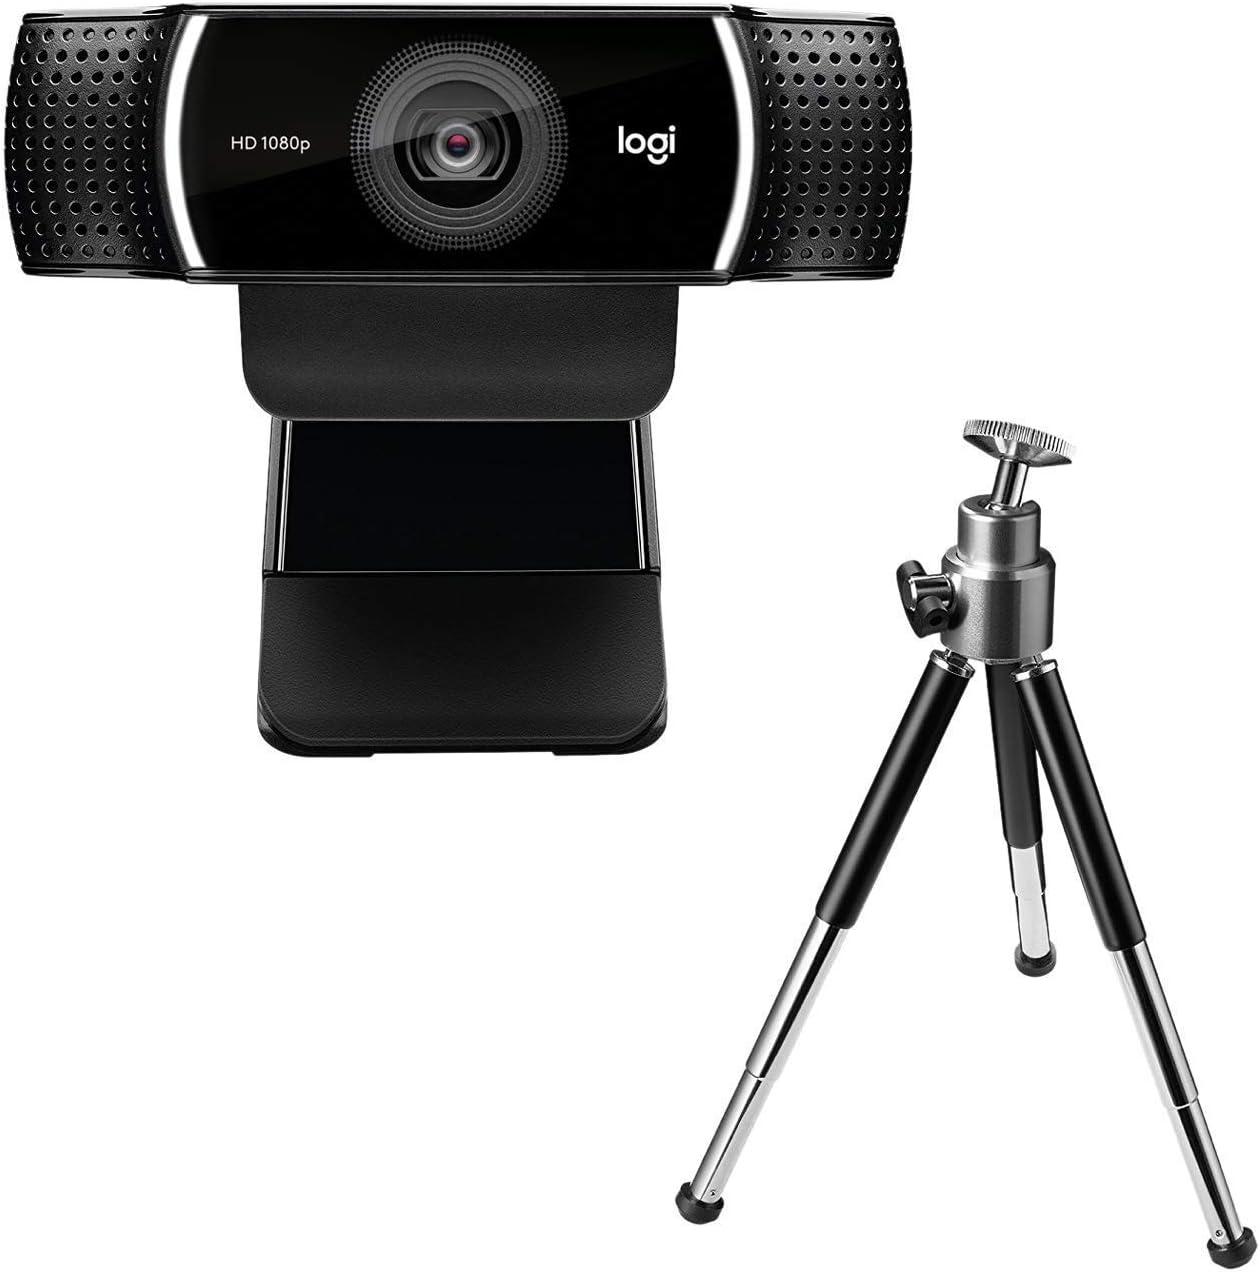 Logitech C922 Pro Stream - Cámara Web para streaming en serio con superrápido HD 720p a 60 fps, con trípode y licencia gratuita de 3 meses para XSplit - Negro